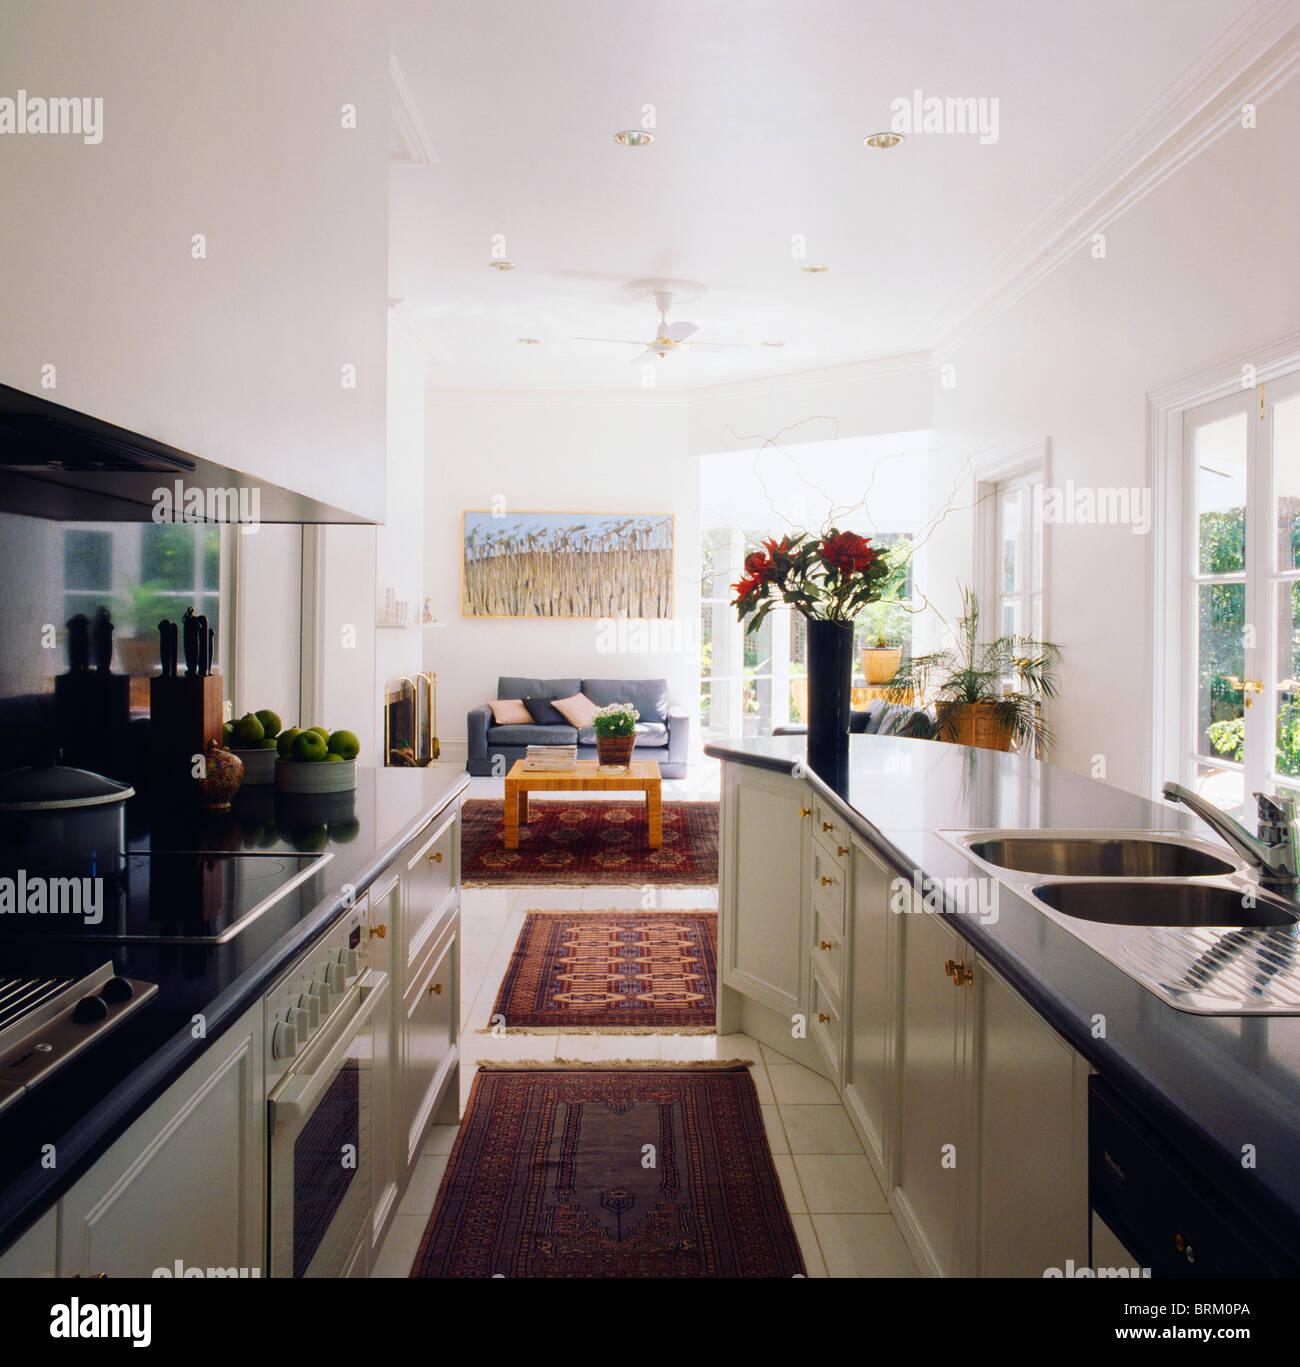 Teppiche auf dem Boden in offenen weißen Pantry-Küche mit schwarzen ...